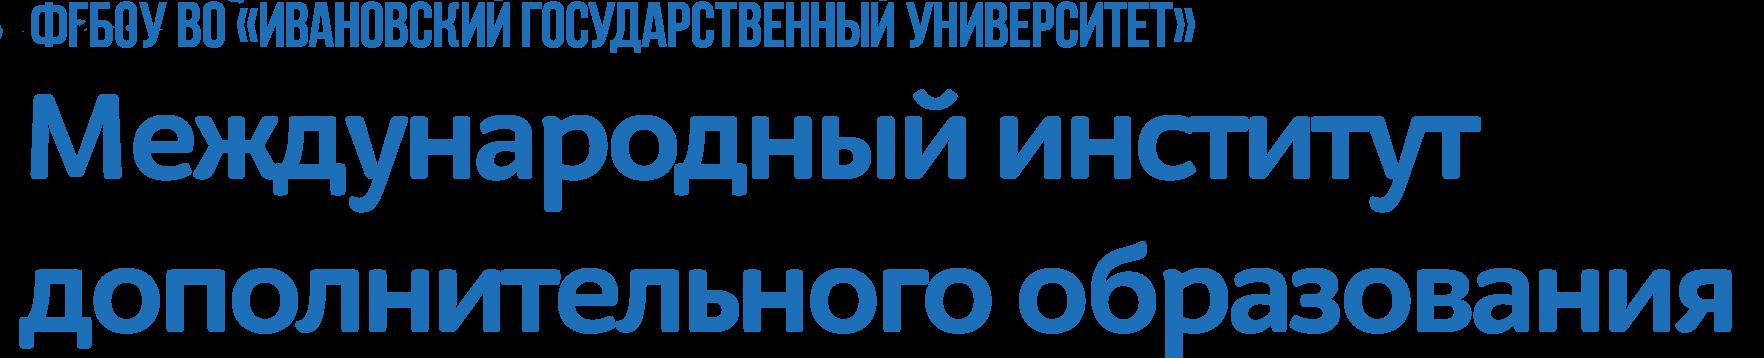 Международный институт дополнительного образования ИвГУ